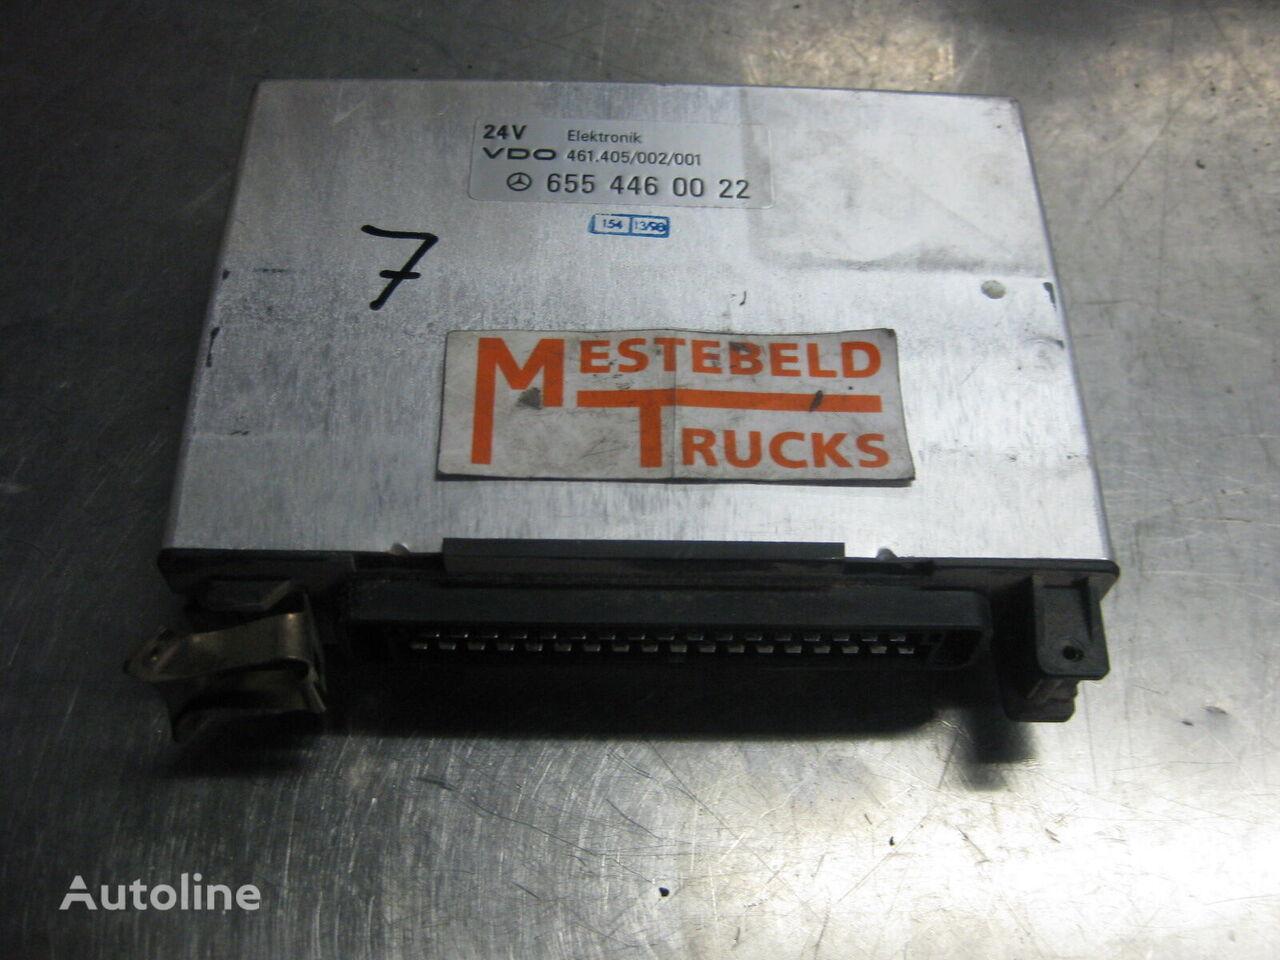 MERCEDES-BENZ DIV Computerunit board computer for MERCEDES-BENZ SK truck